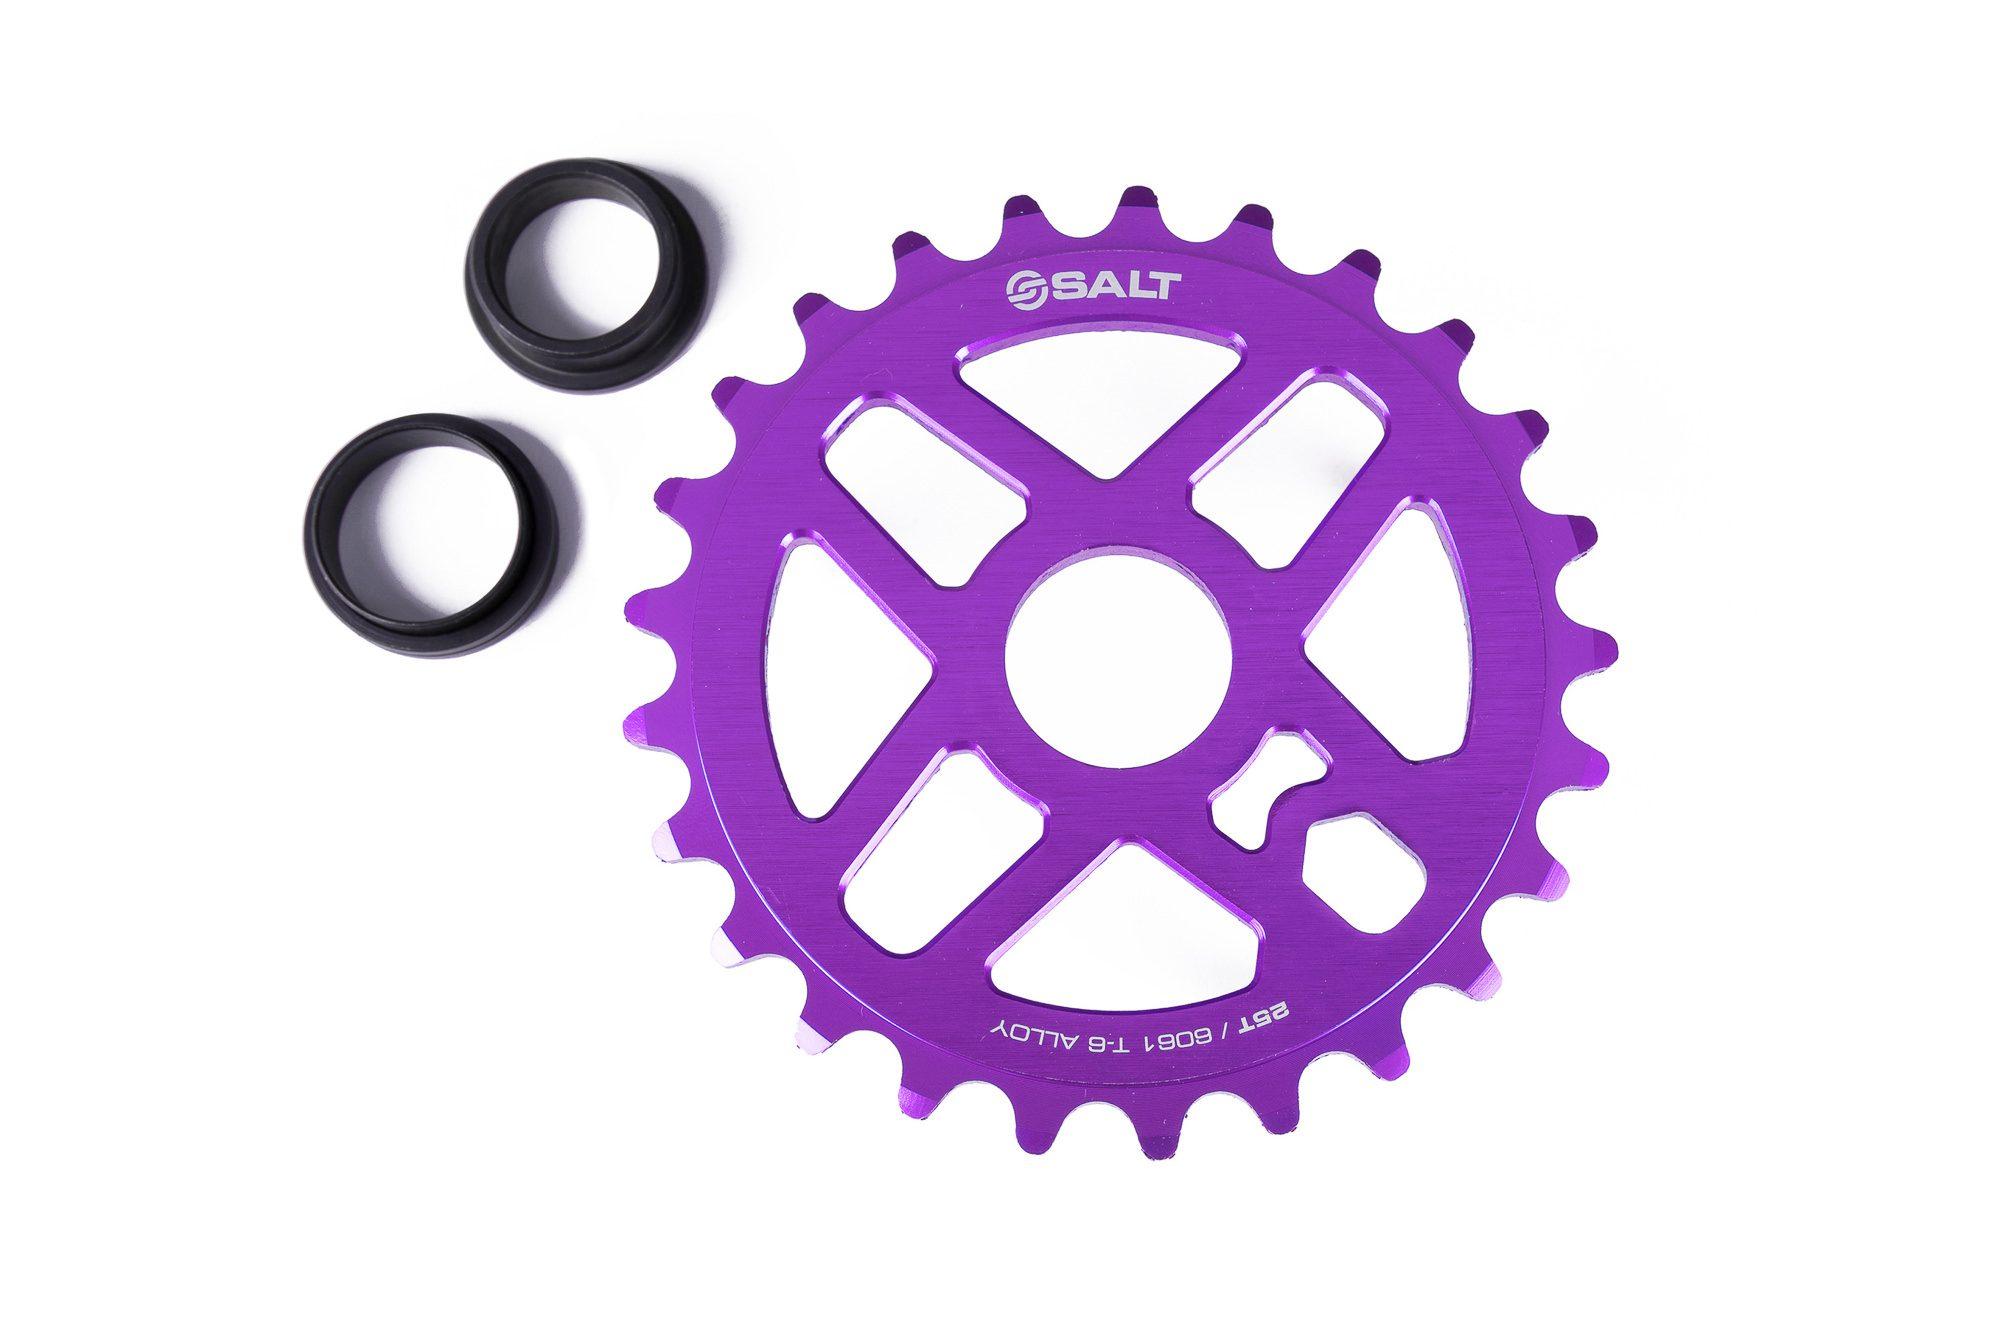 Salt_Pro_sprocket_purple